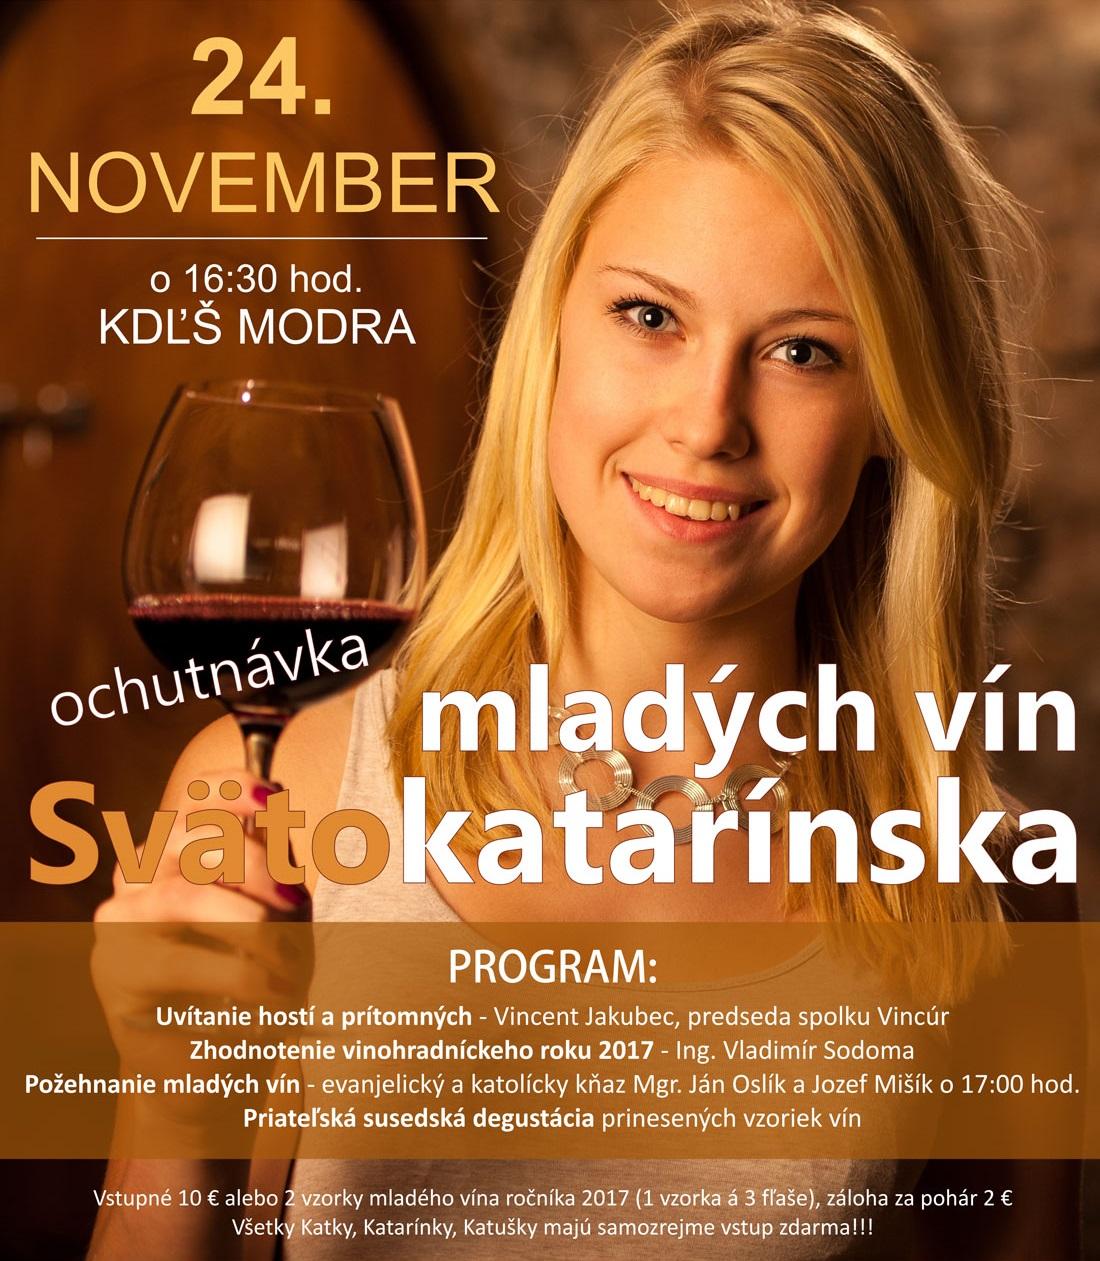 Svätokatarínska ochutnávka mladých vín 2017